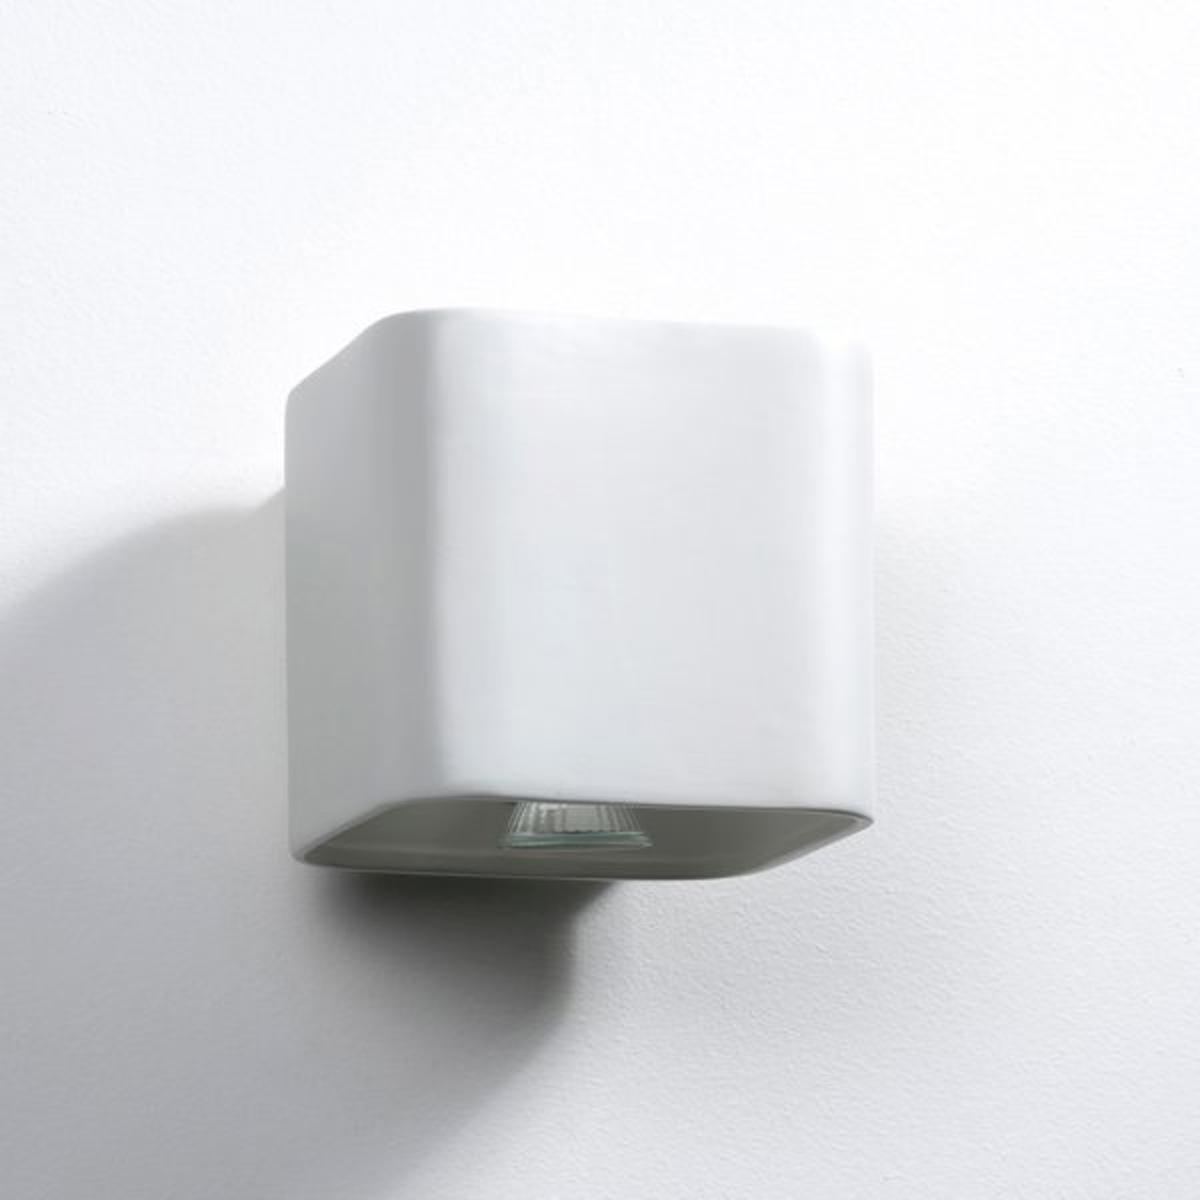 Бра квадратной формы из керамики DebouБра квадратной формы из керамики белого цвета mat.2 цоколя GU10 для лампочек макс. 35 W  (не входят в комплект).Размеры :  Д. 22 x Гл.22 x.22 см.<br><br>Цвет: белый